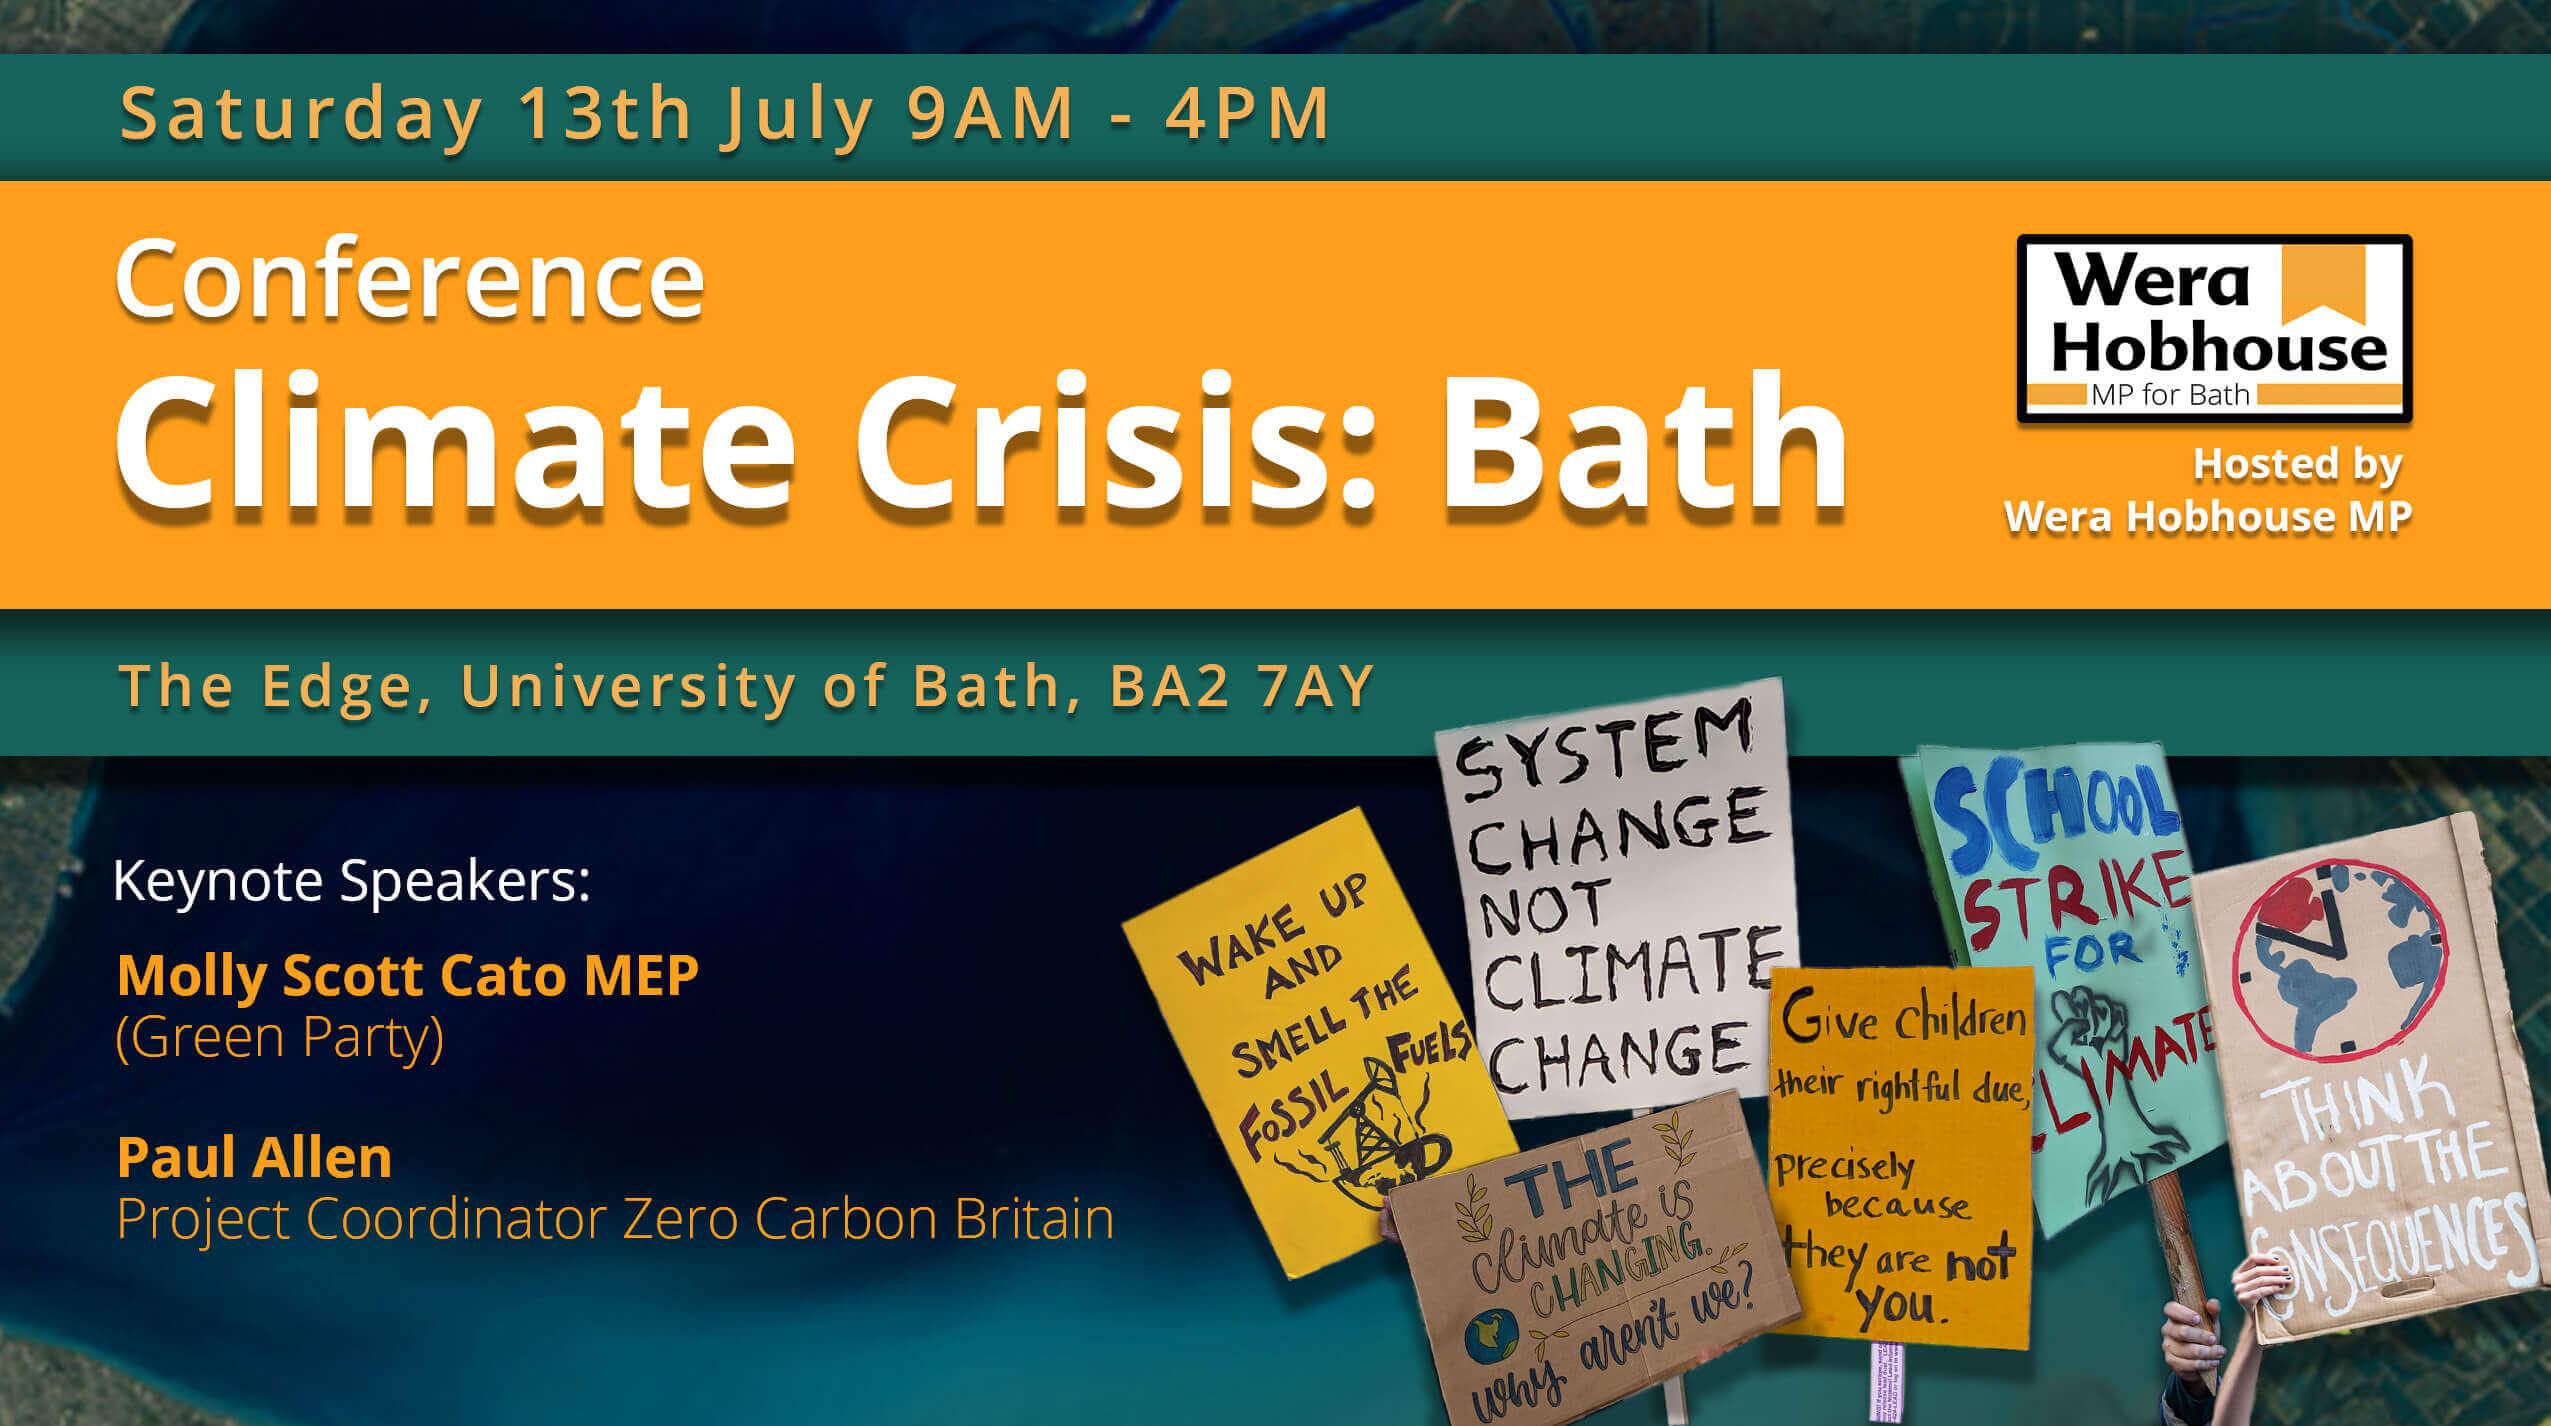 Climate Crisis: Bath